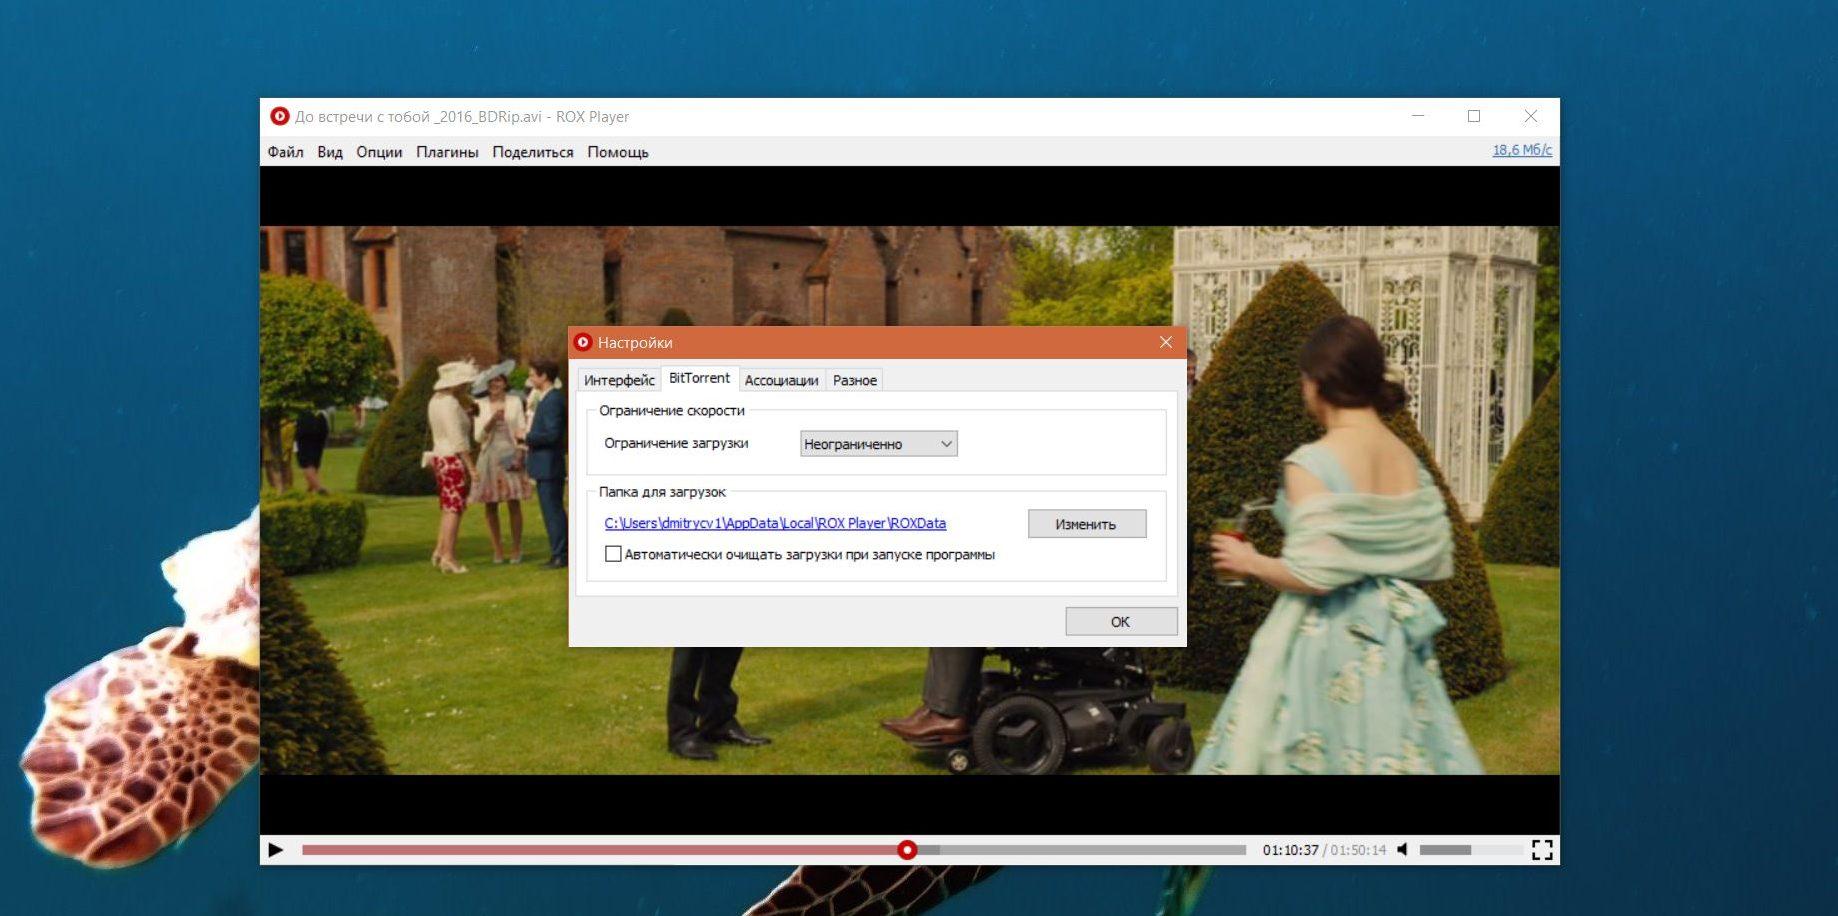 Смотреть фильм через торрент: Очистка загрузок в ROX Player